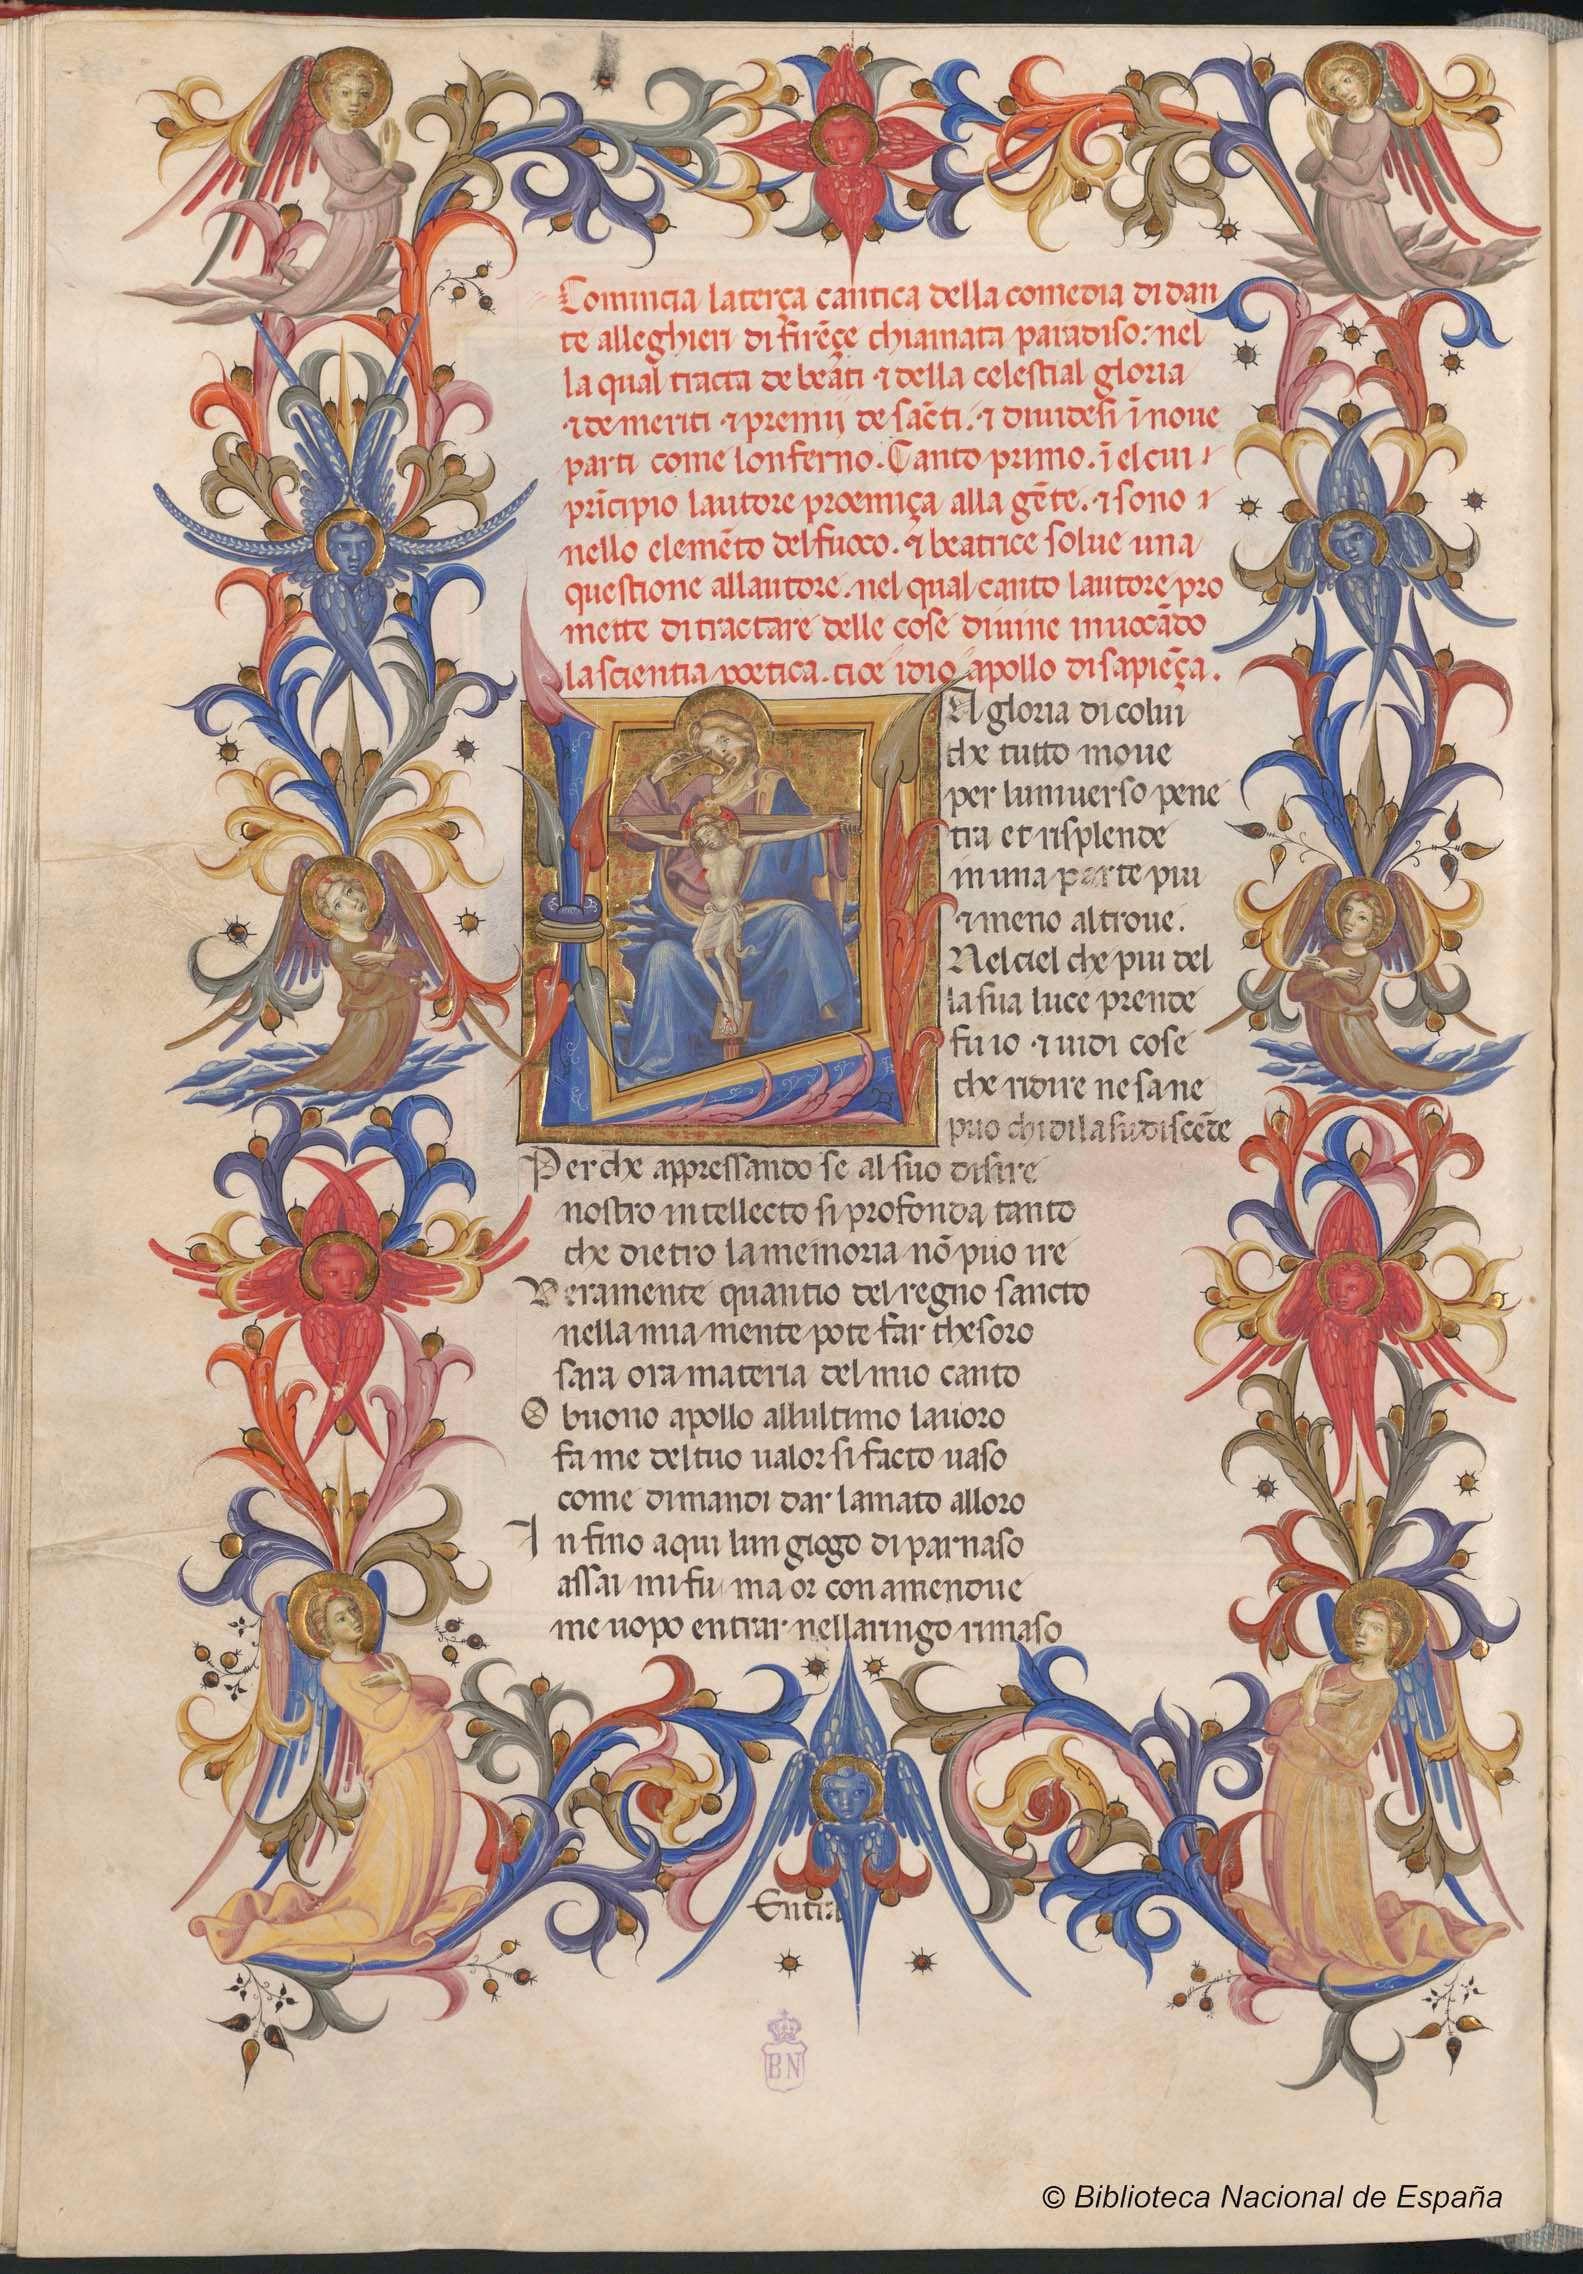 La Divina Commedia Libros De Arte Libro De Artista Arte Y Literatura